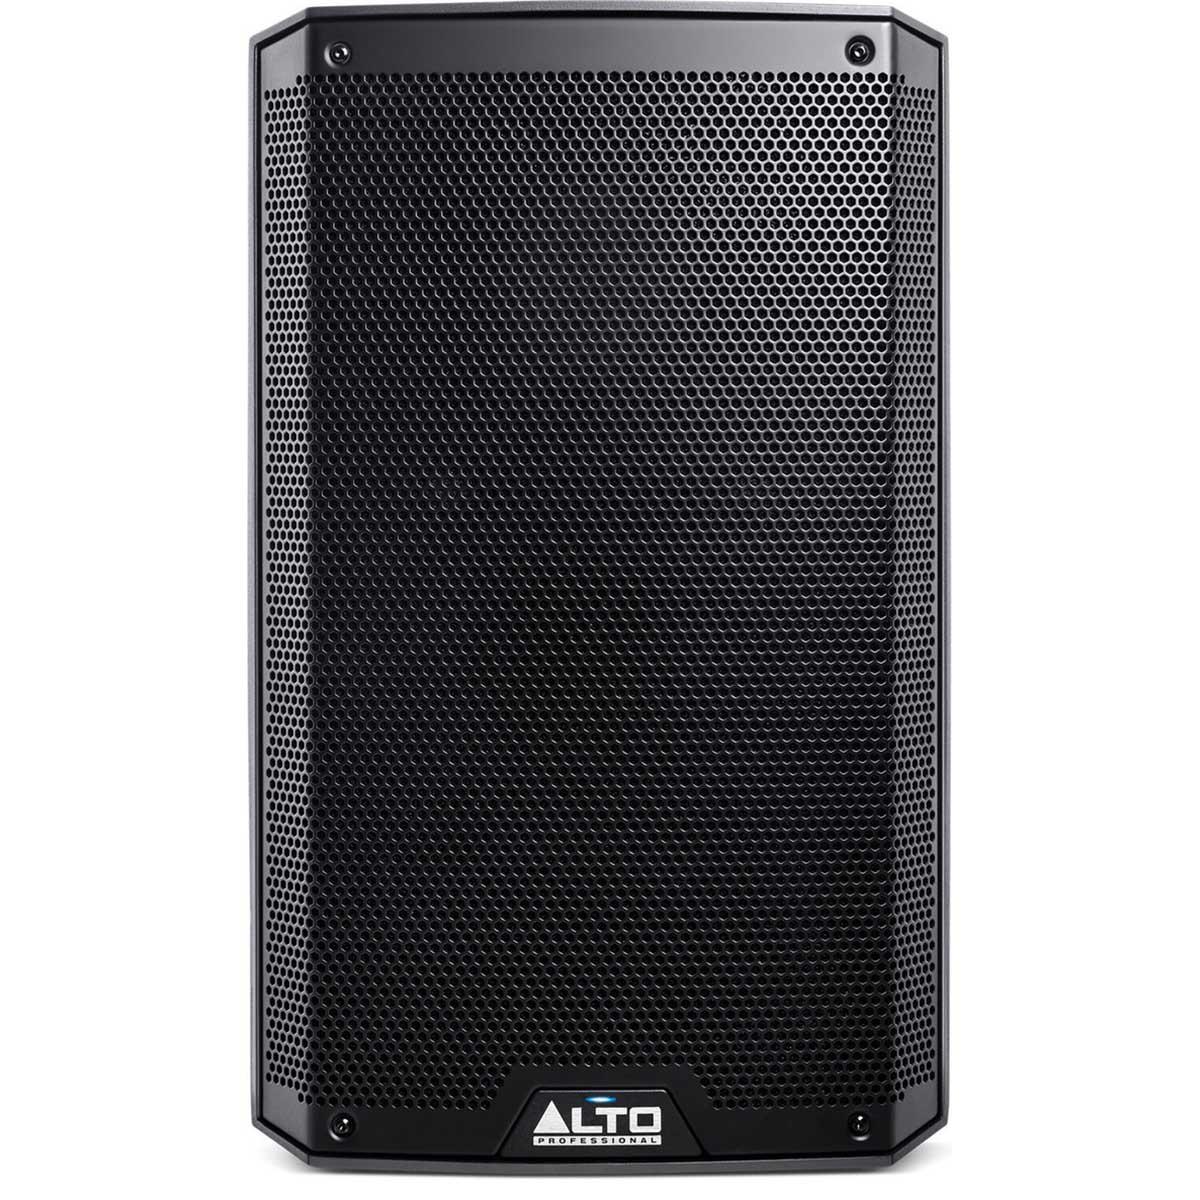 Alto TS212 Caixa Acústica Ativa, 1100 Watts Pico, 12 Polegadas, 110v